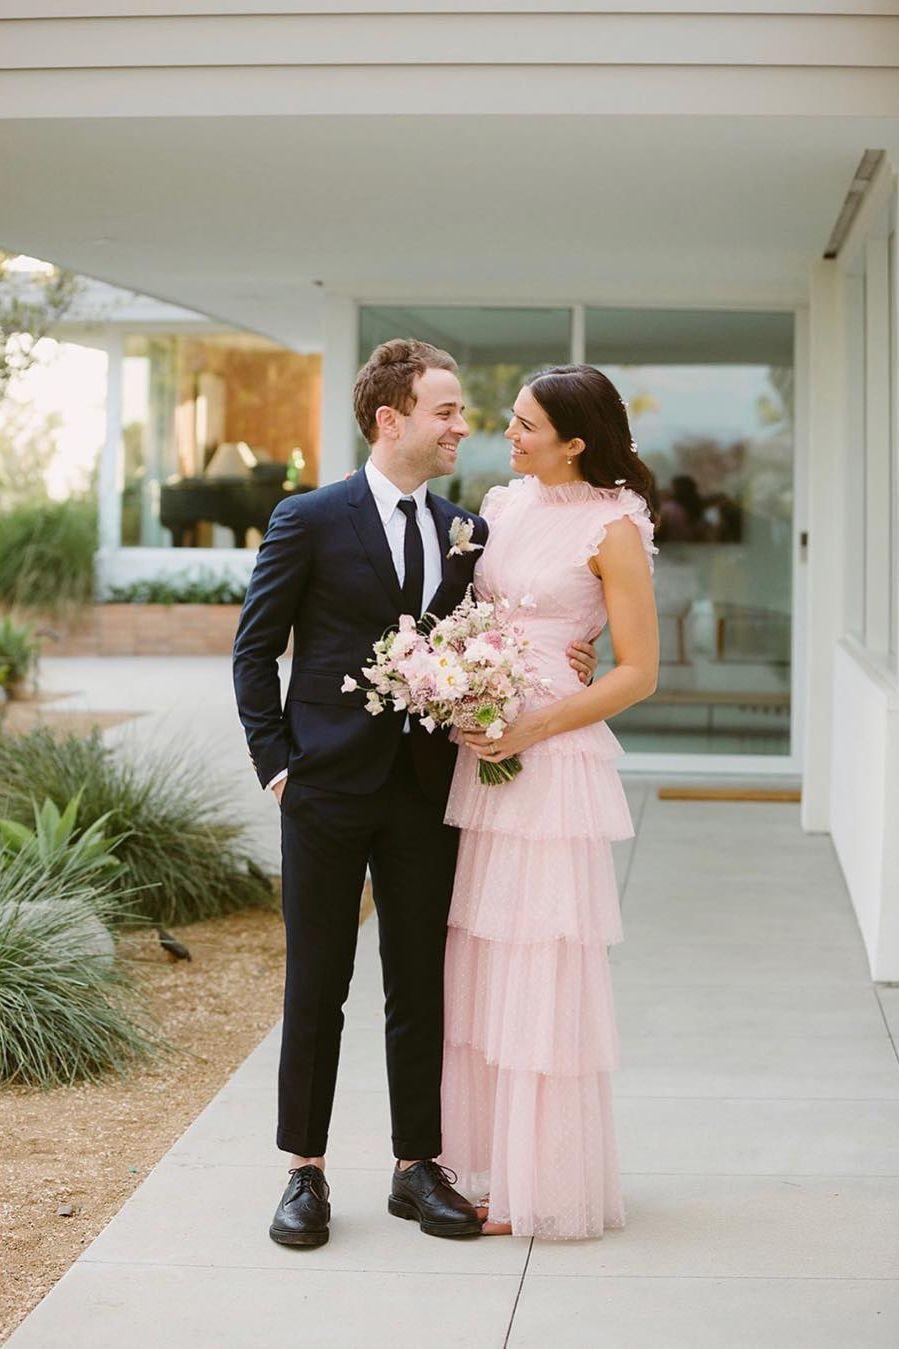 Reveladas novas imagens do casamento de Mandy Moore